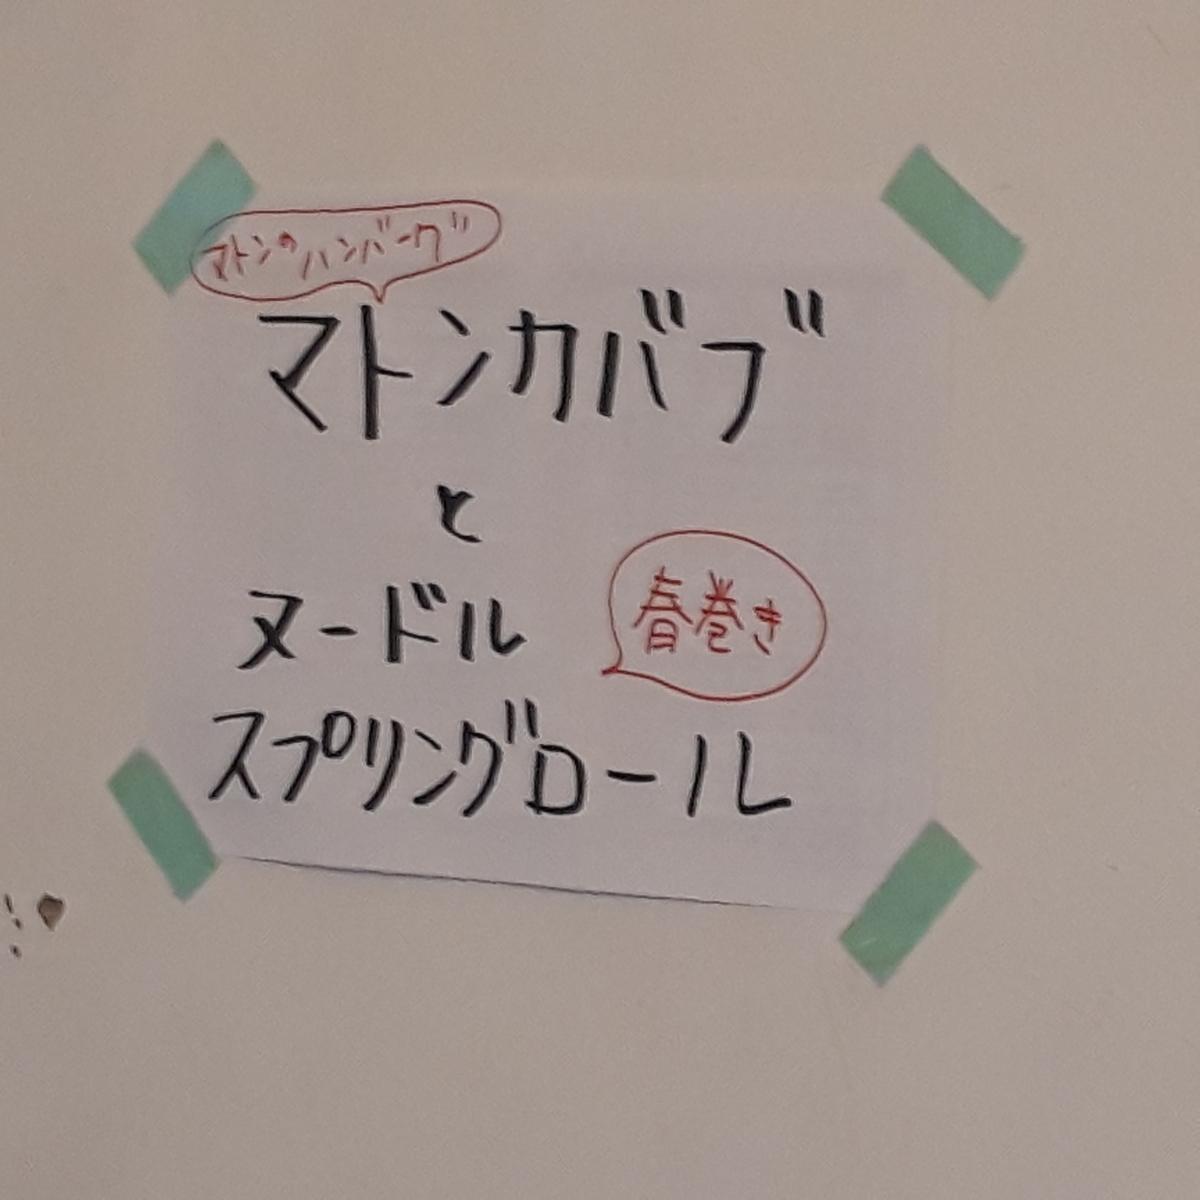 カレー事情聴取スパイス定食&バルVol.6 2019年7月19日 ガネーシュN メニュー